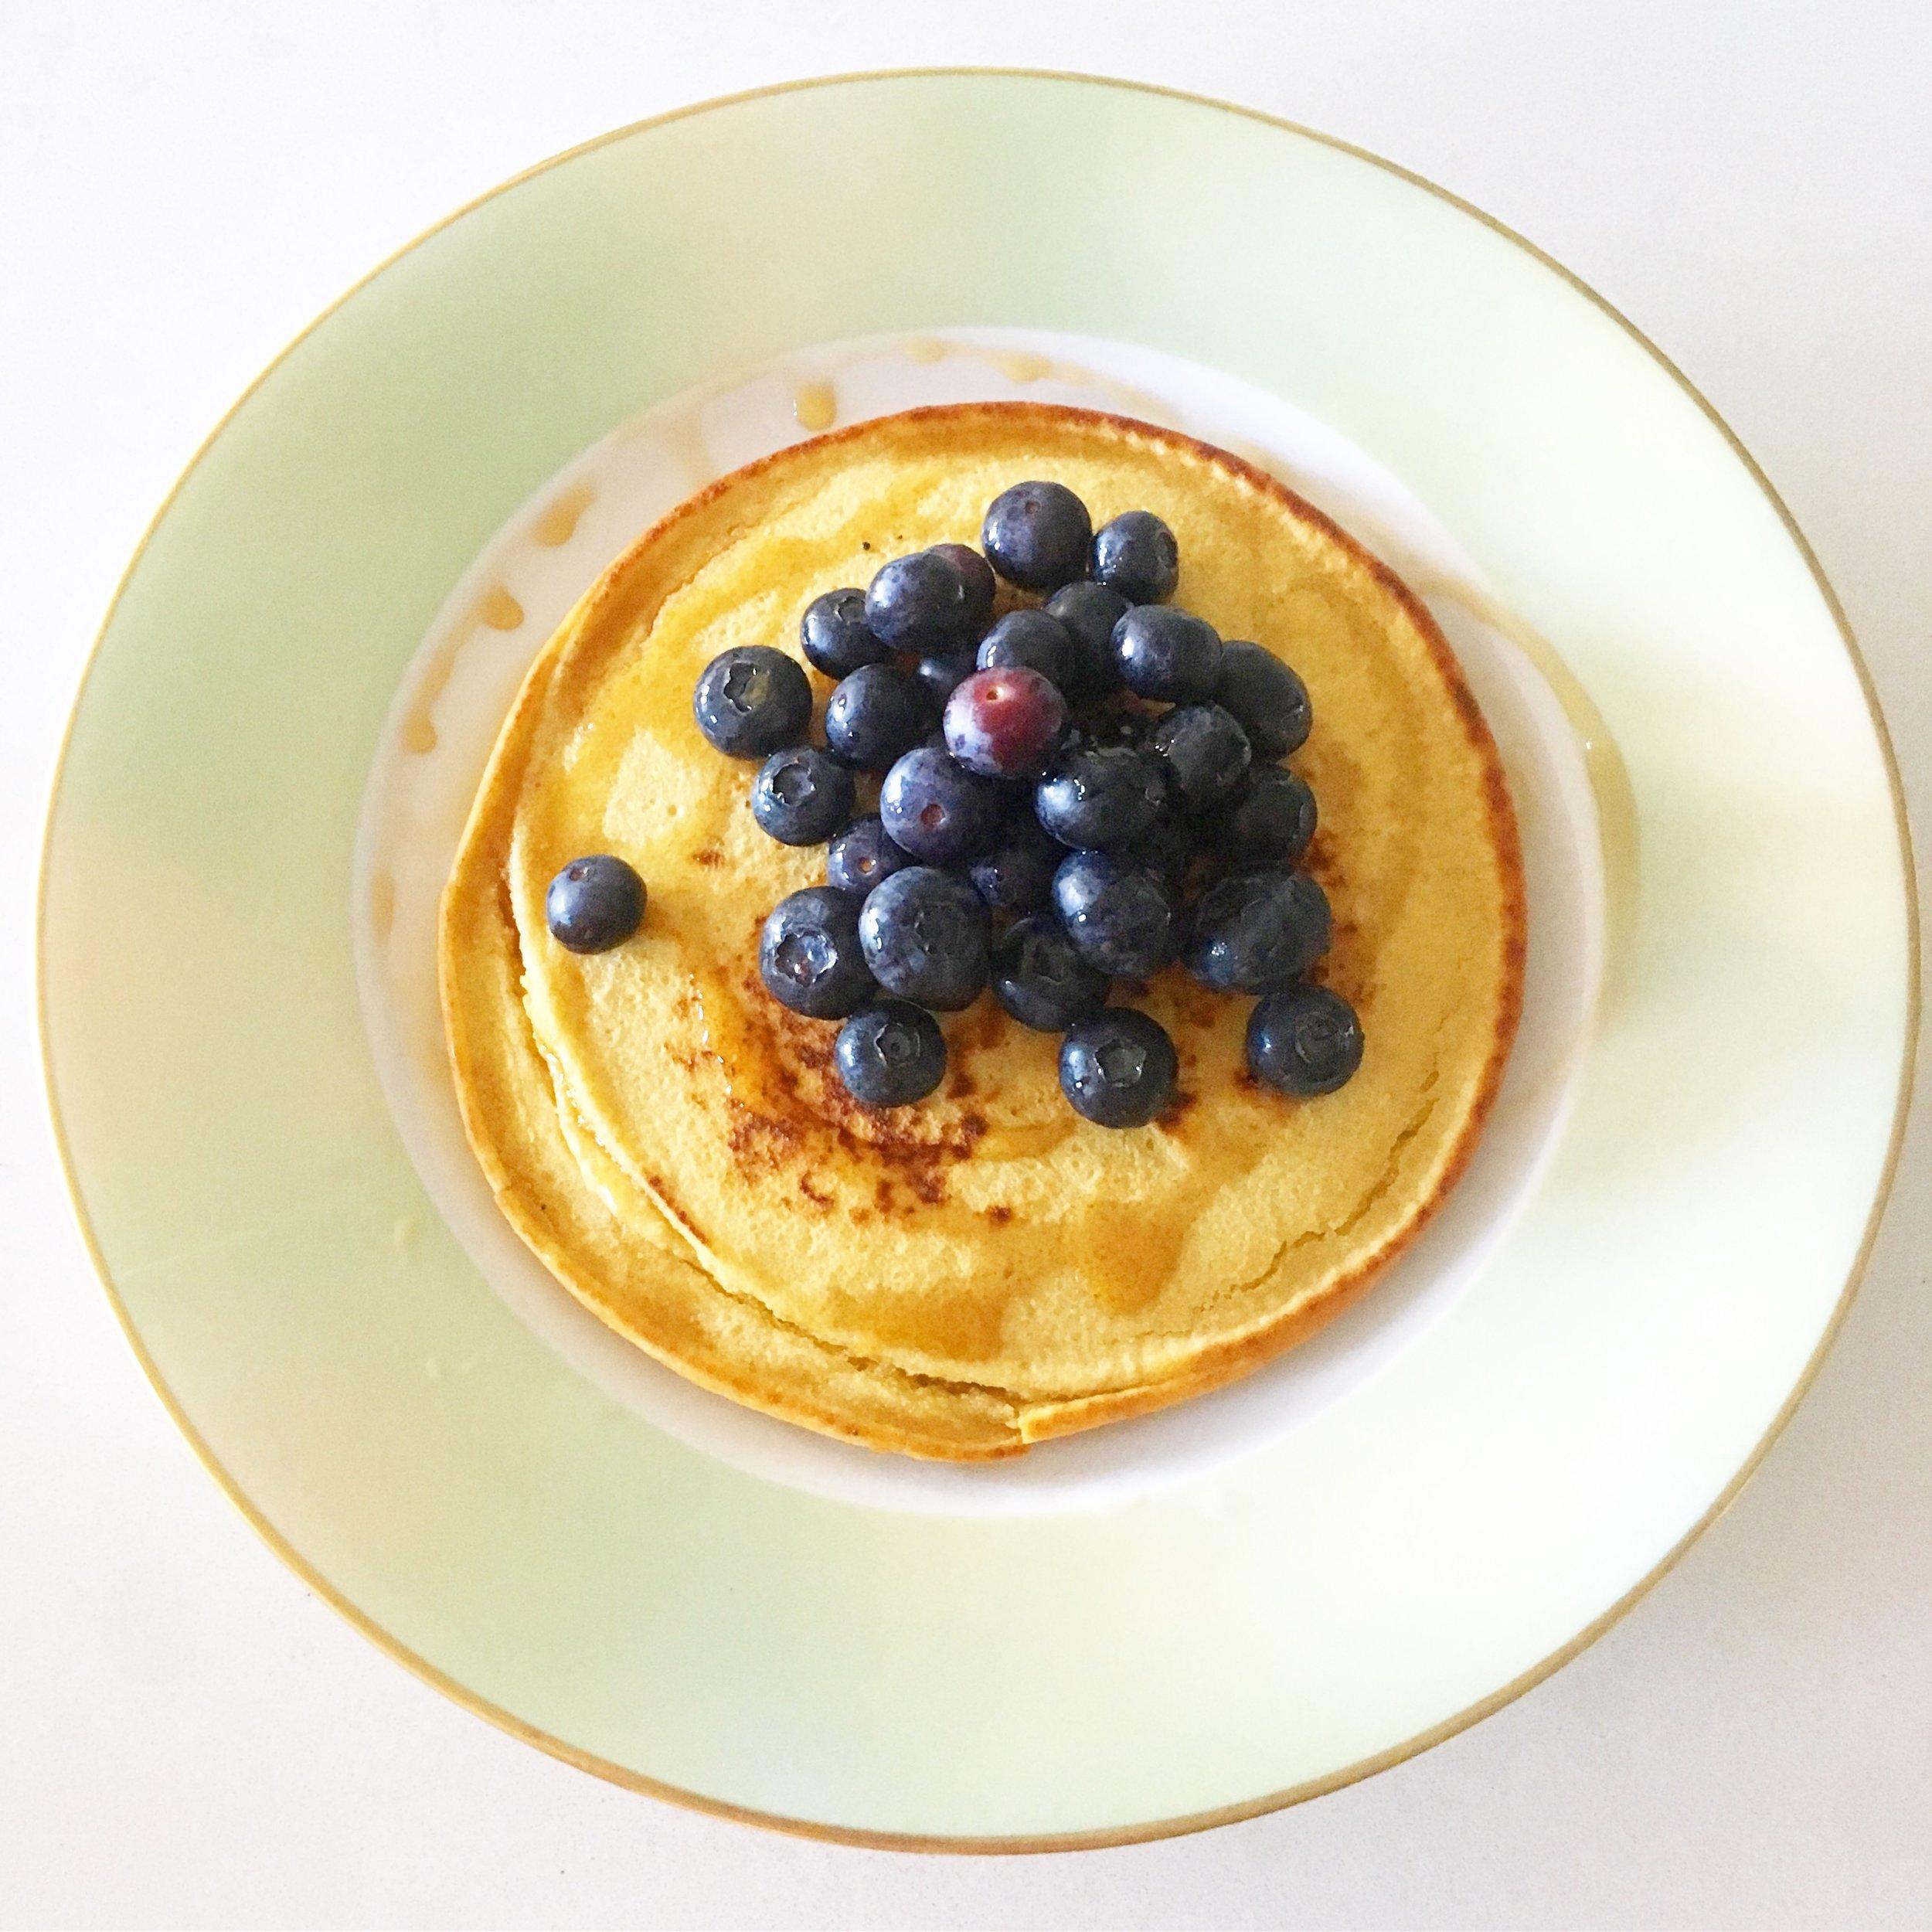 chickpea flour - cashew mylk - blueberries - maple syrup 🥞